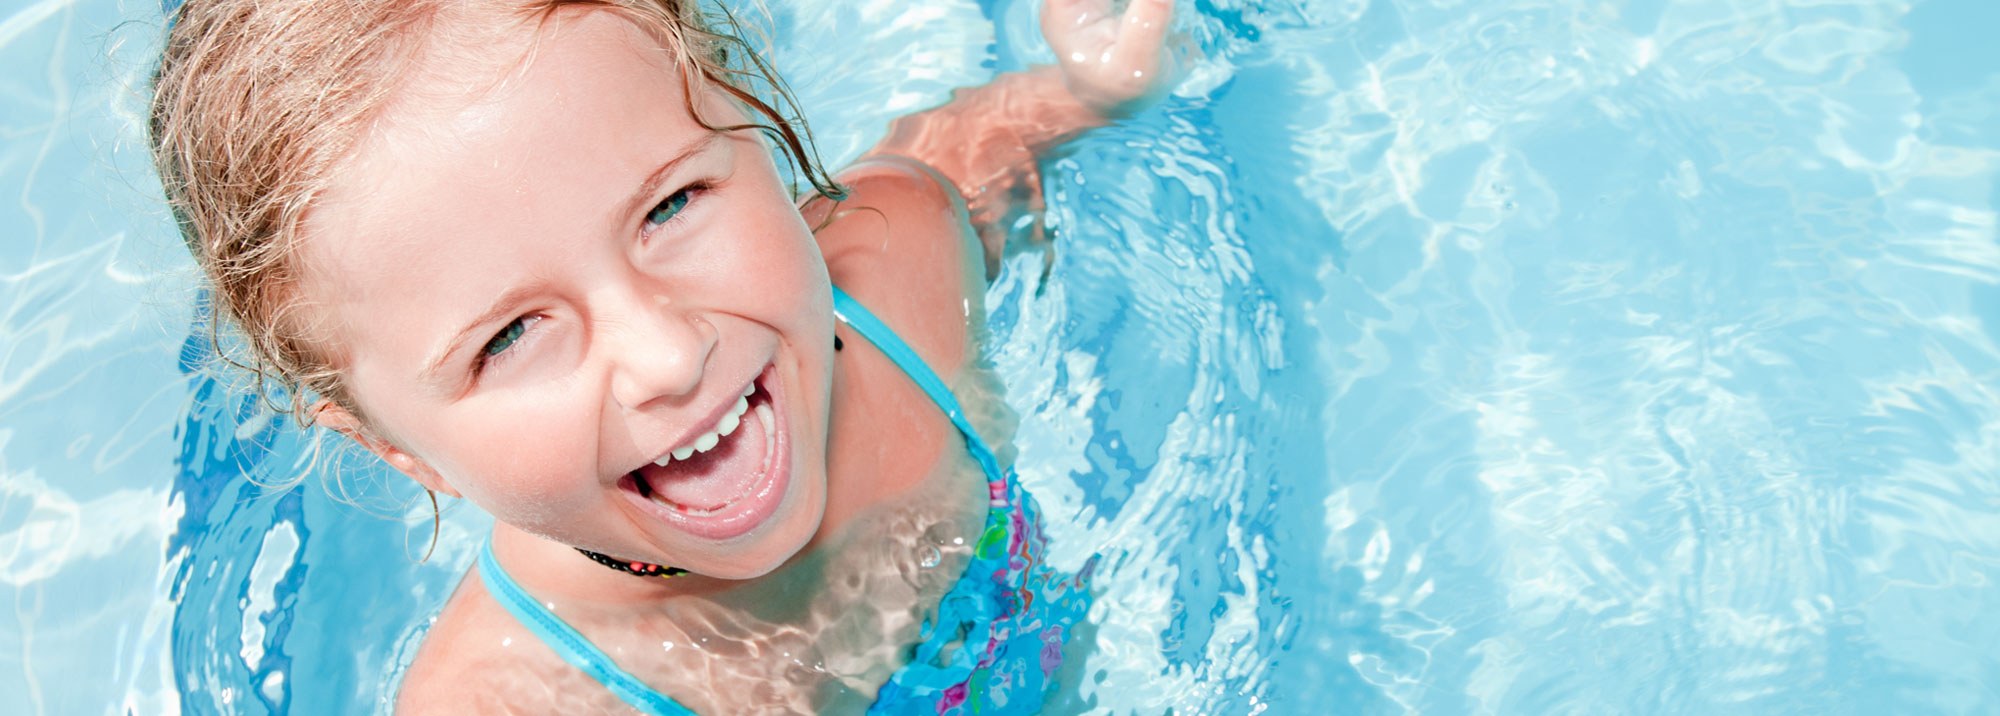 Hotel Lido Cattolica piscina bambini